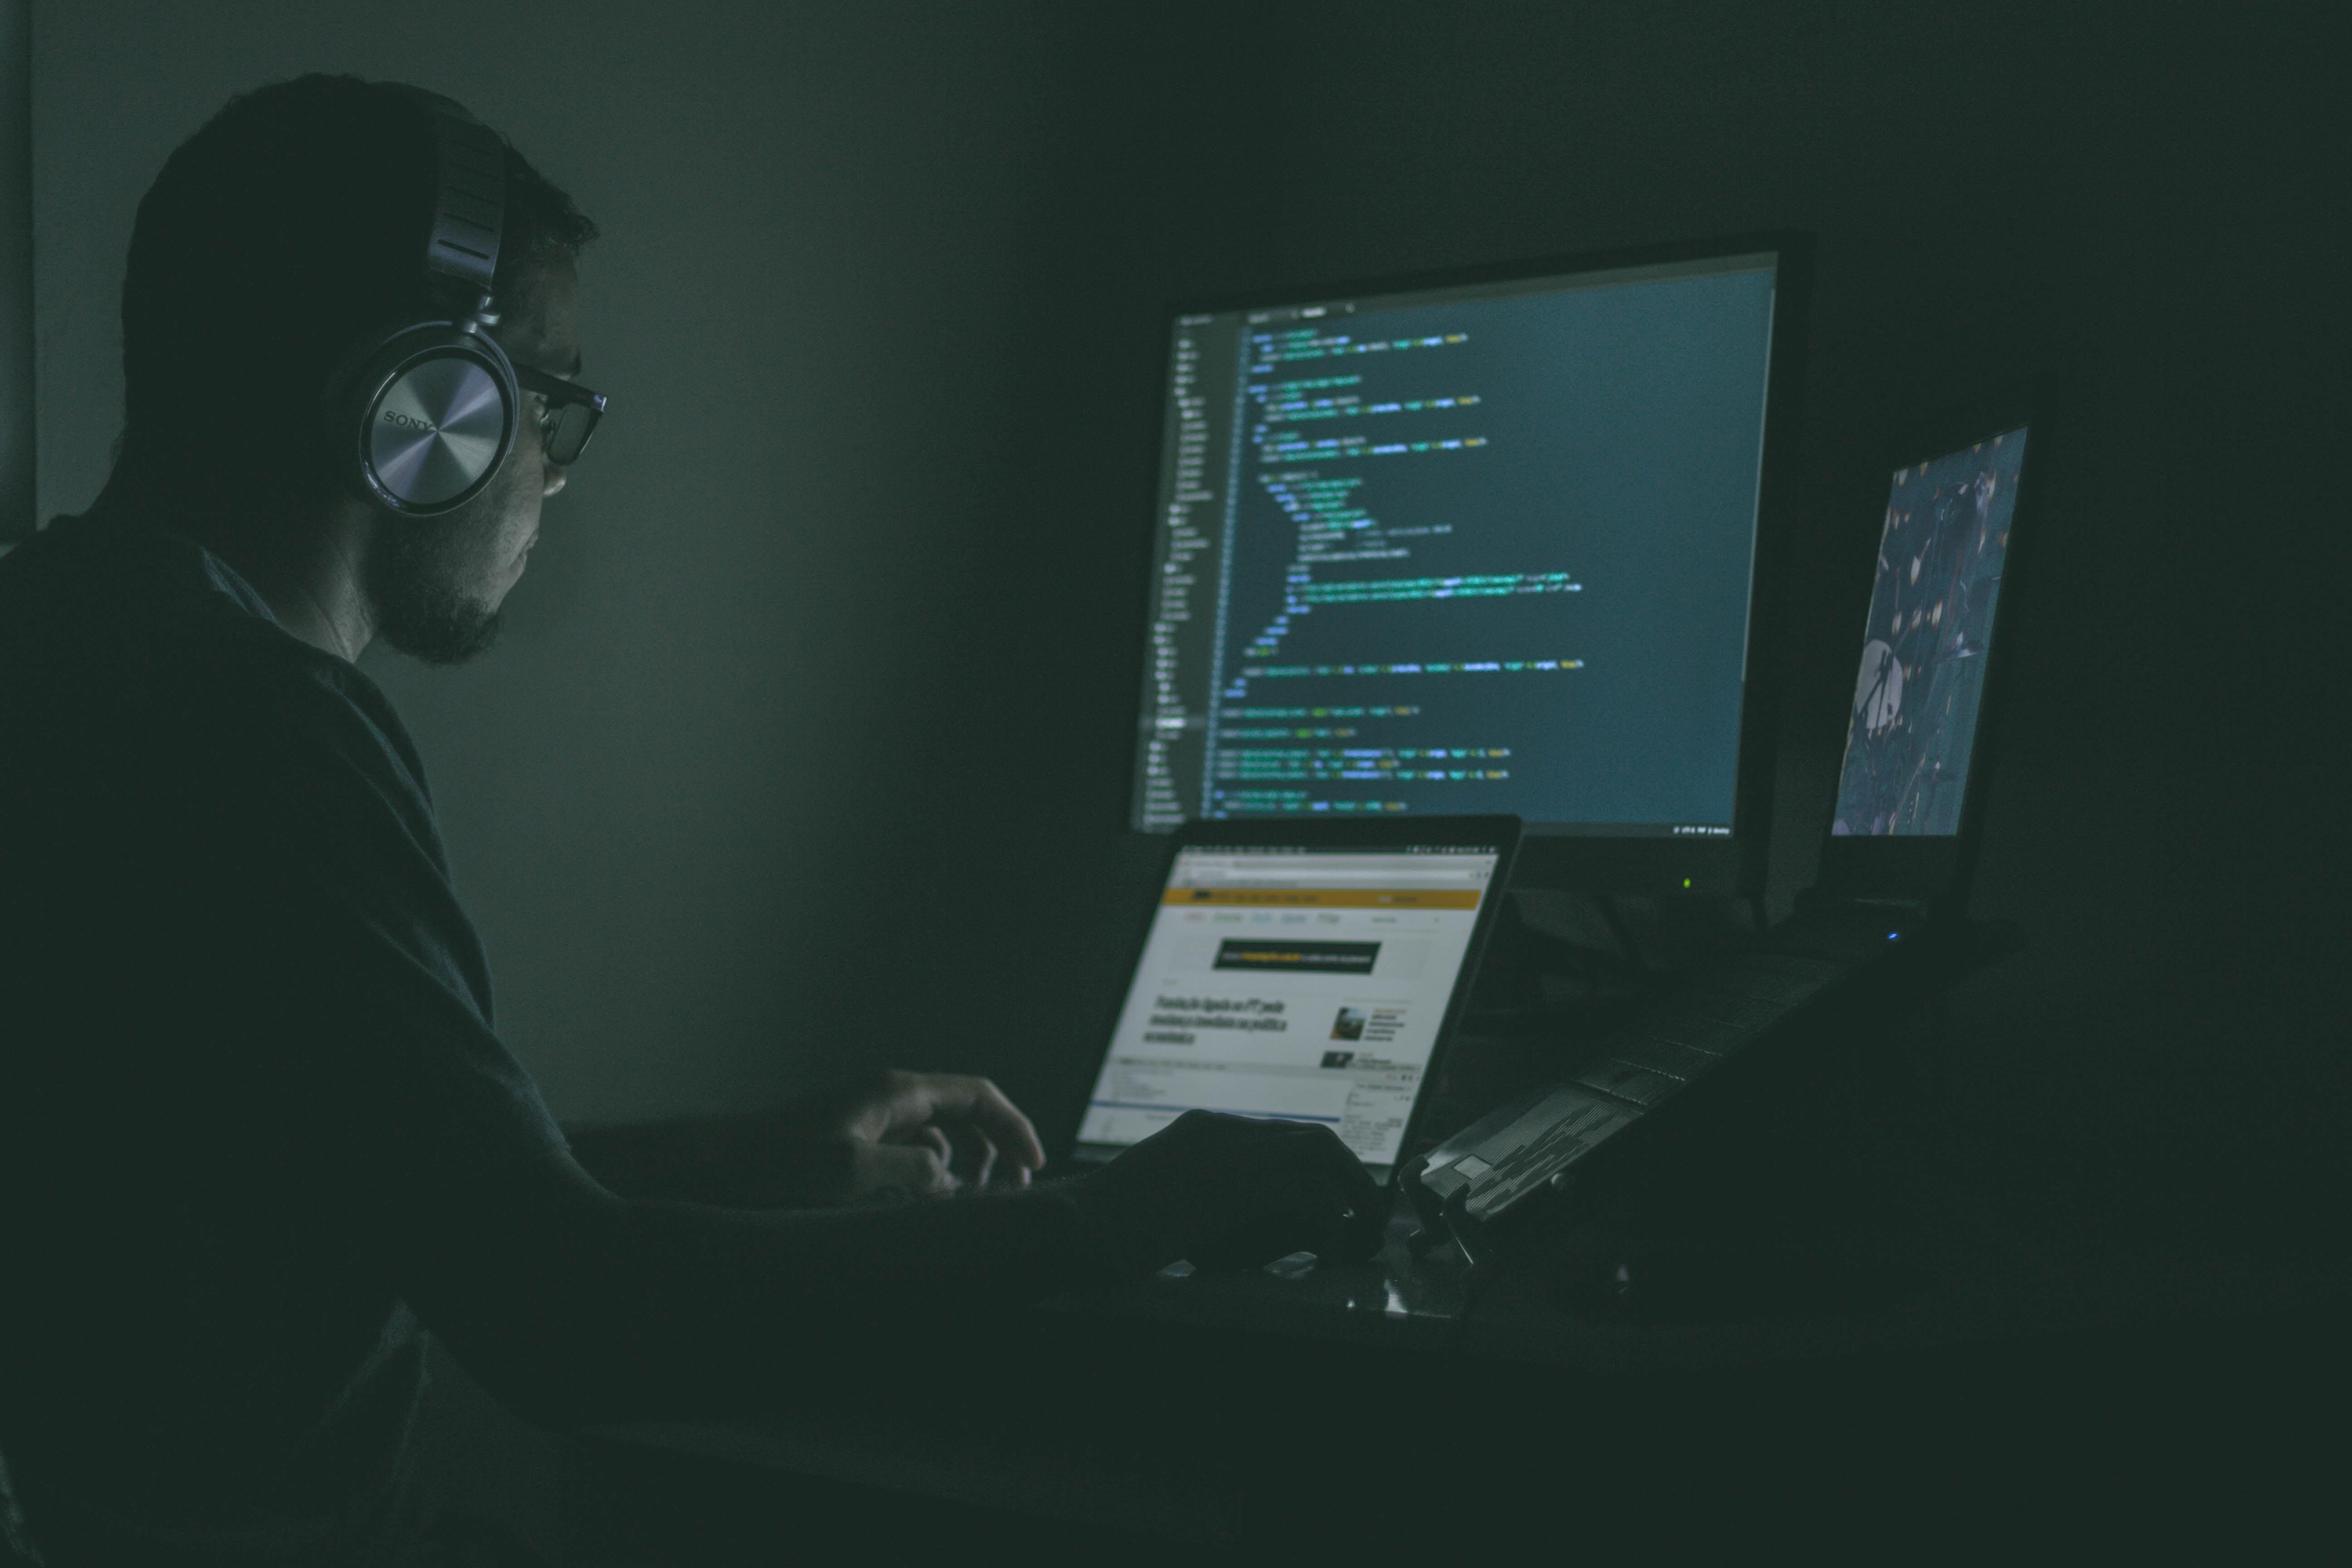 Los diez errores más comunes que facilitan el robo de datos